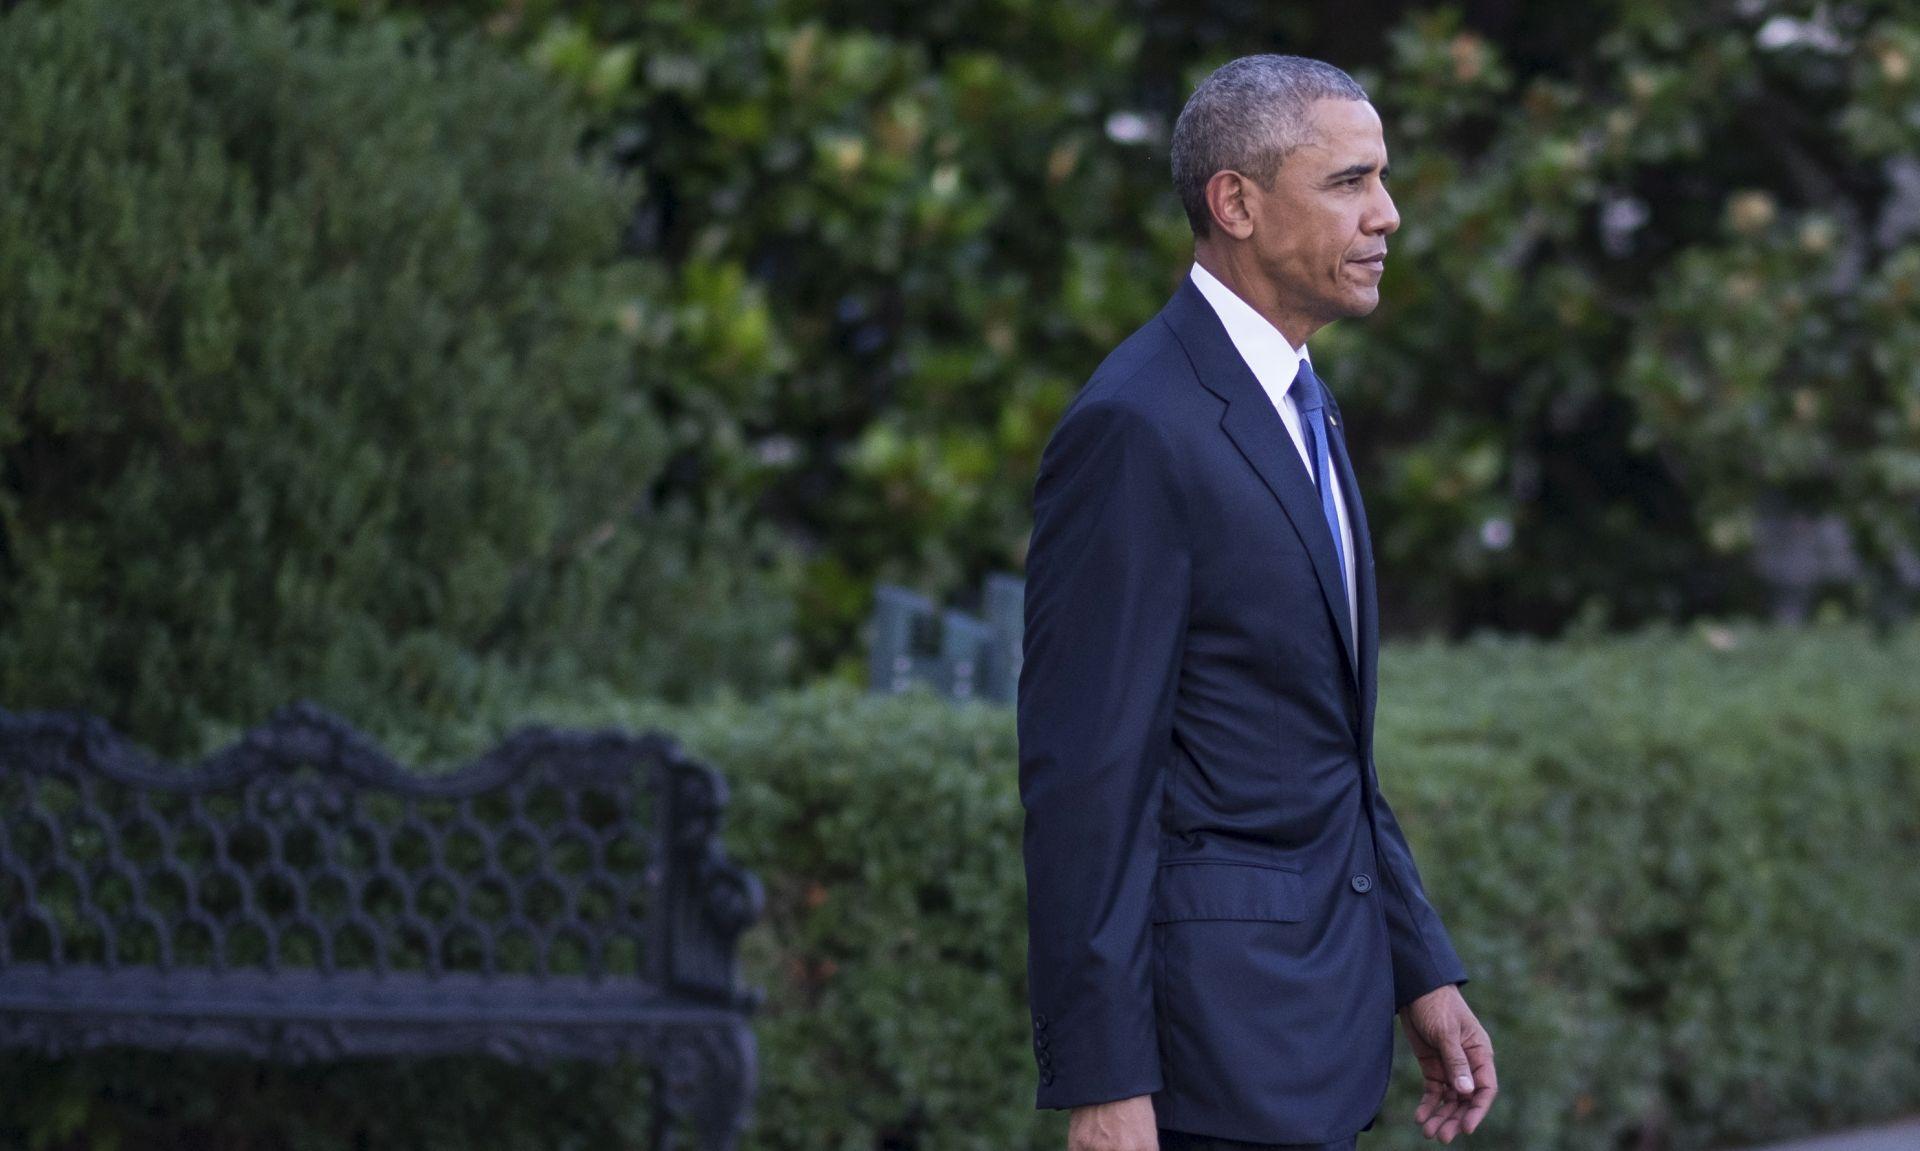 SROZAVANJE MEĐU KANDIDATIMA Obama prozvao potencijalne republikanske kandidate